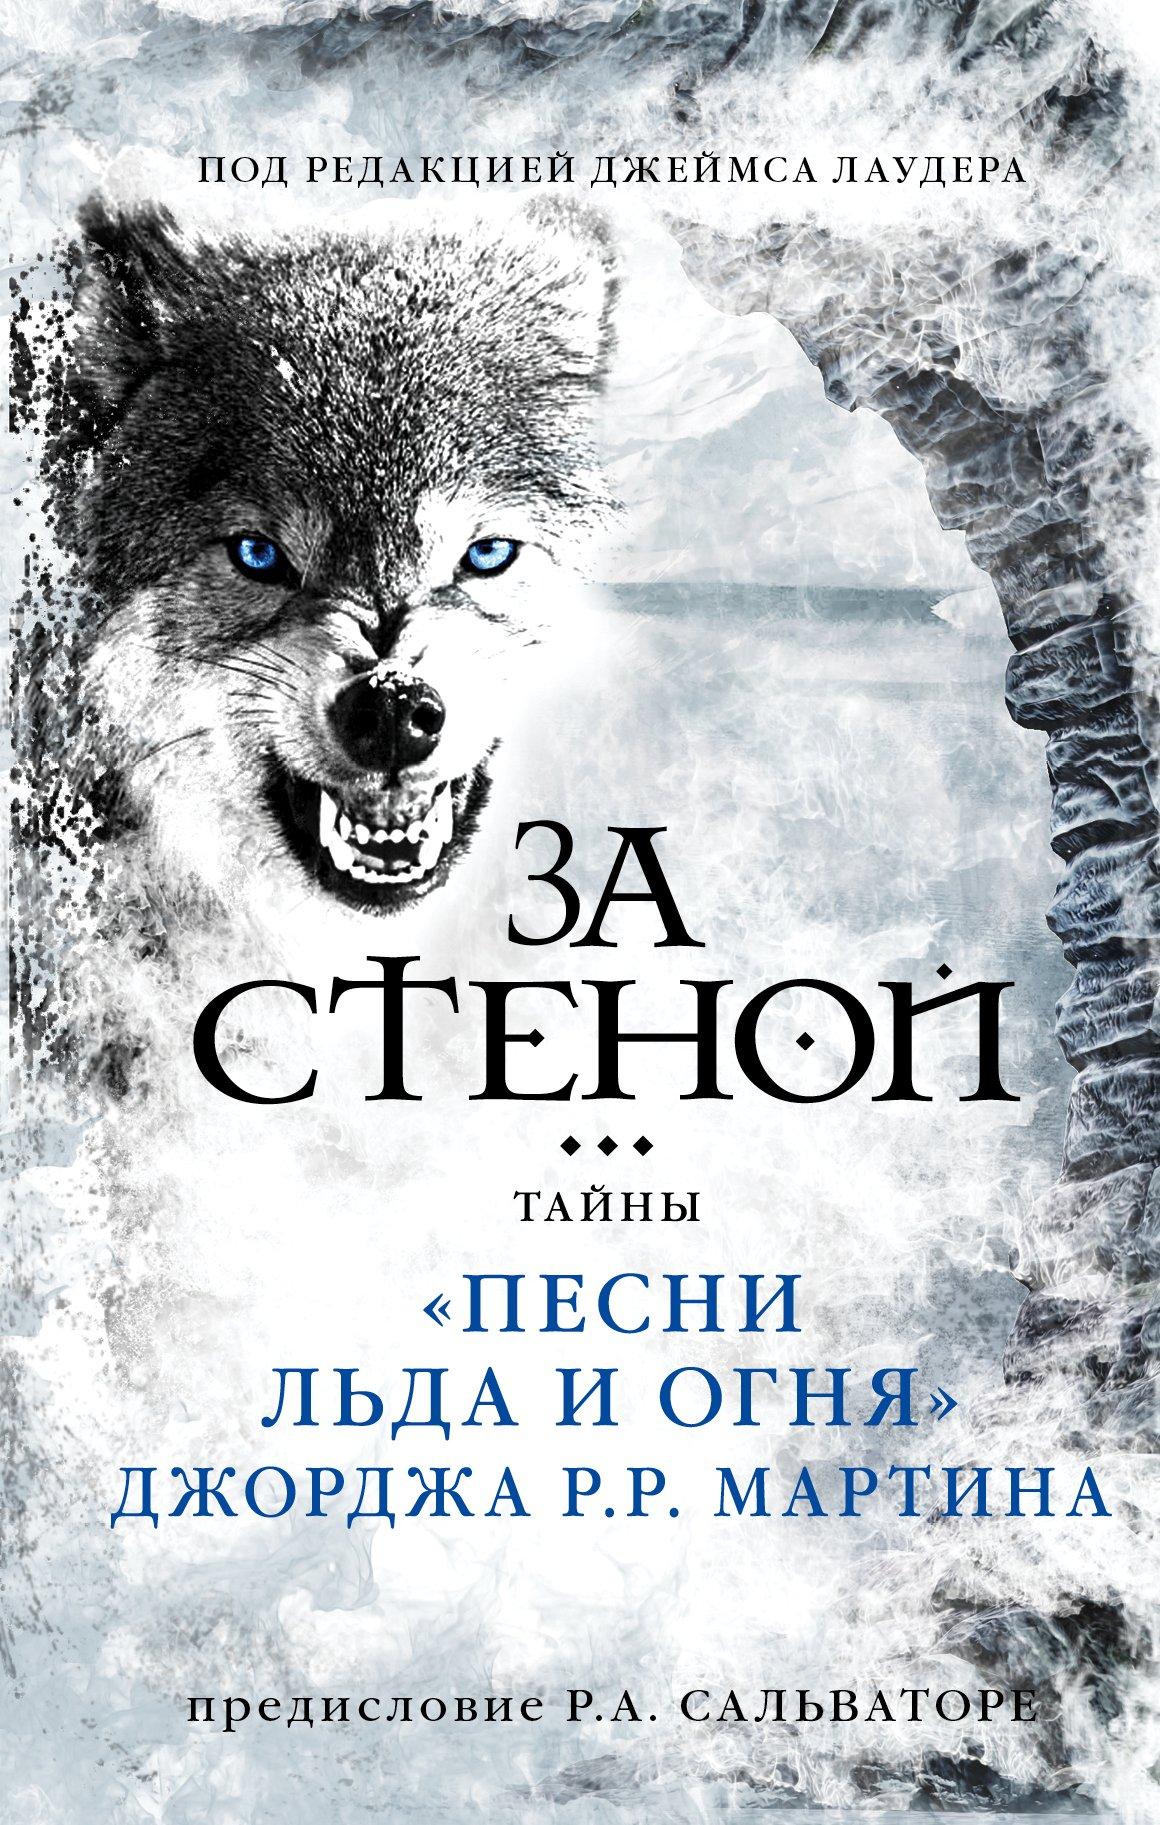 Путеводитель мир льда и пламени скачать fb2